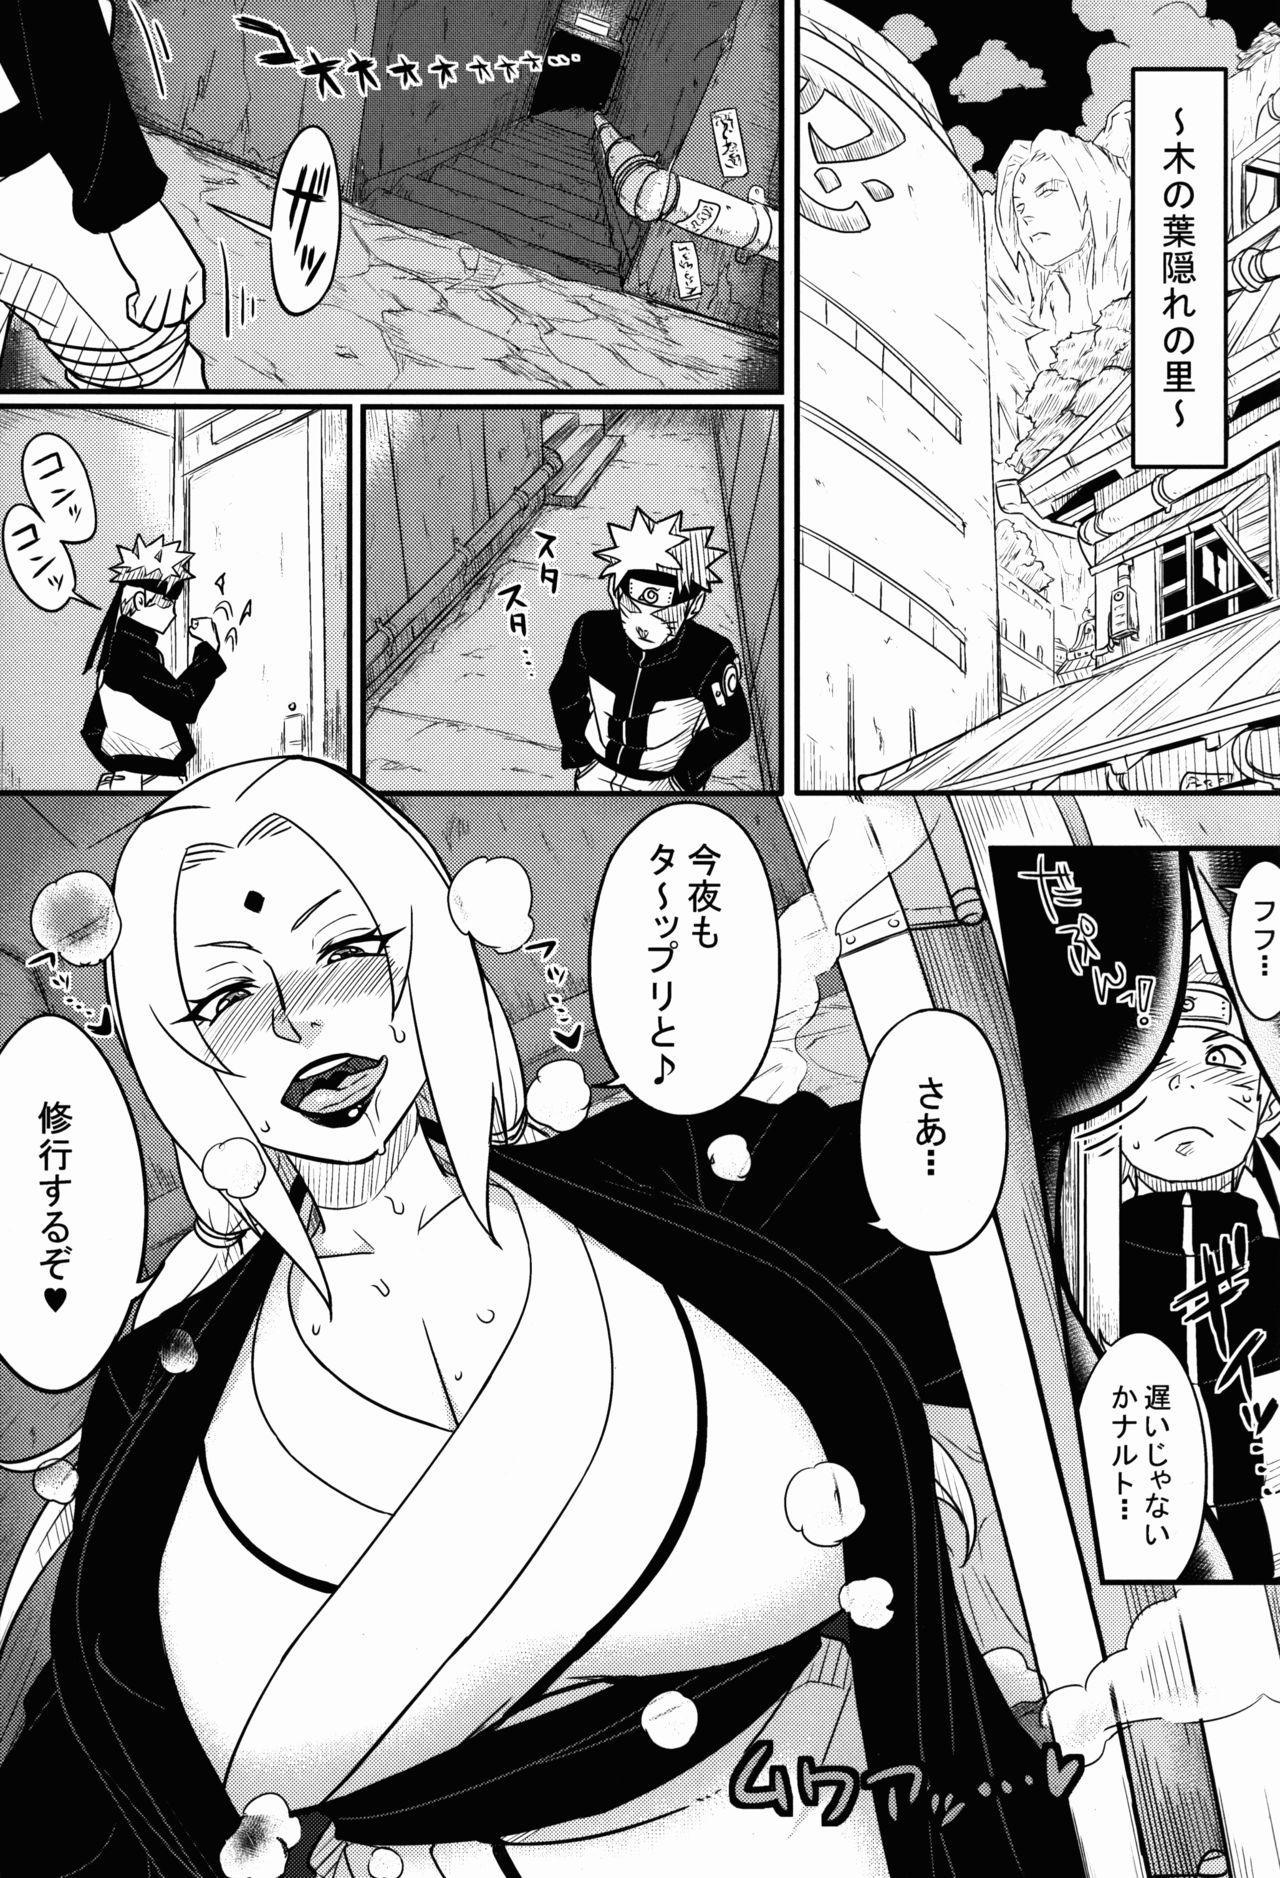 Jukumitsuki Intouden Maki no Ichi 2